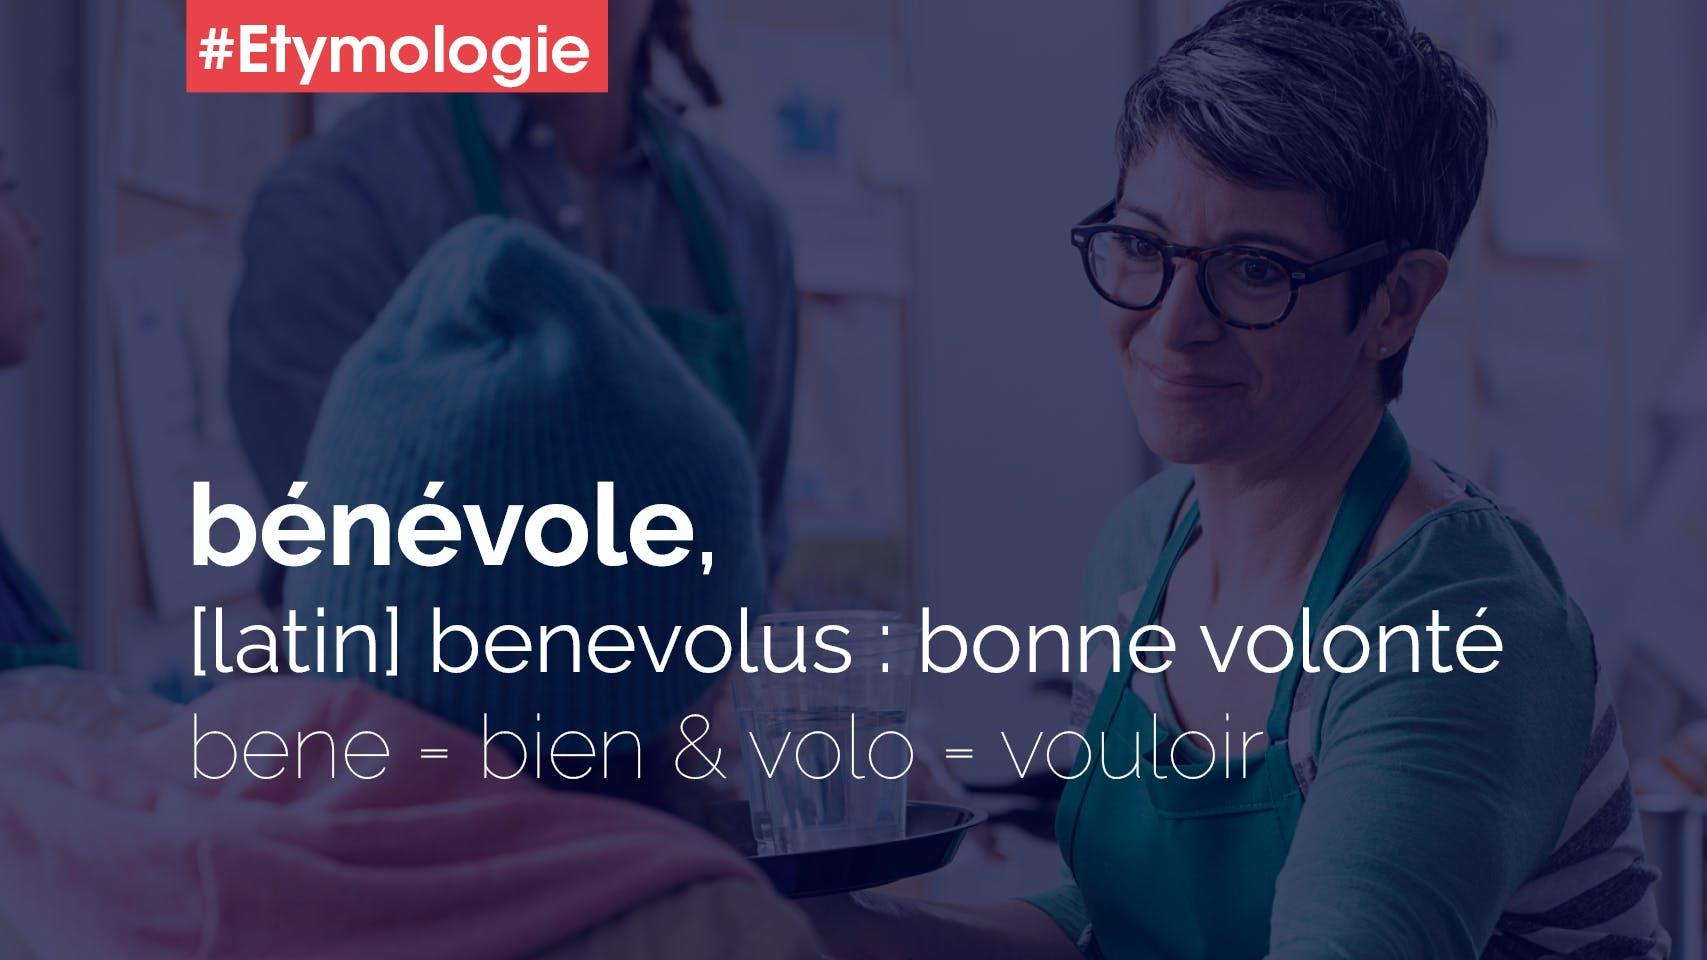 bénévole bénévolat etymologie